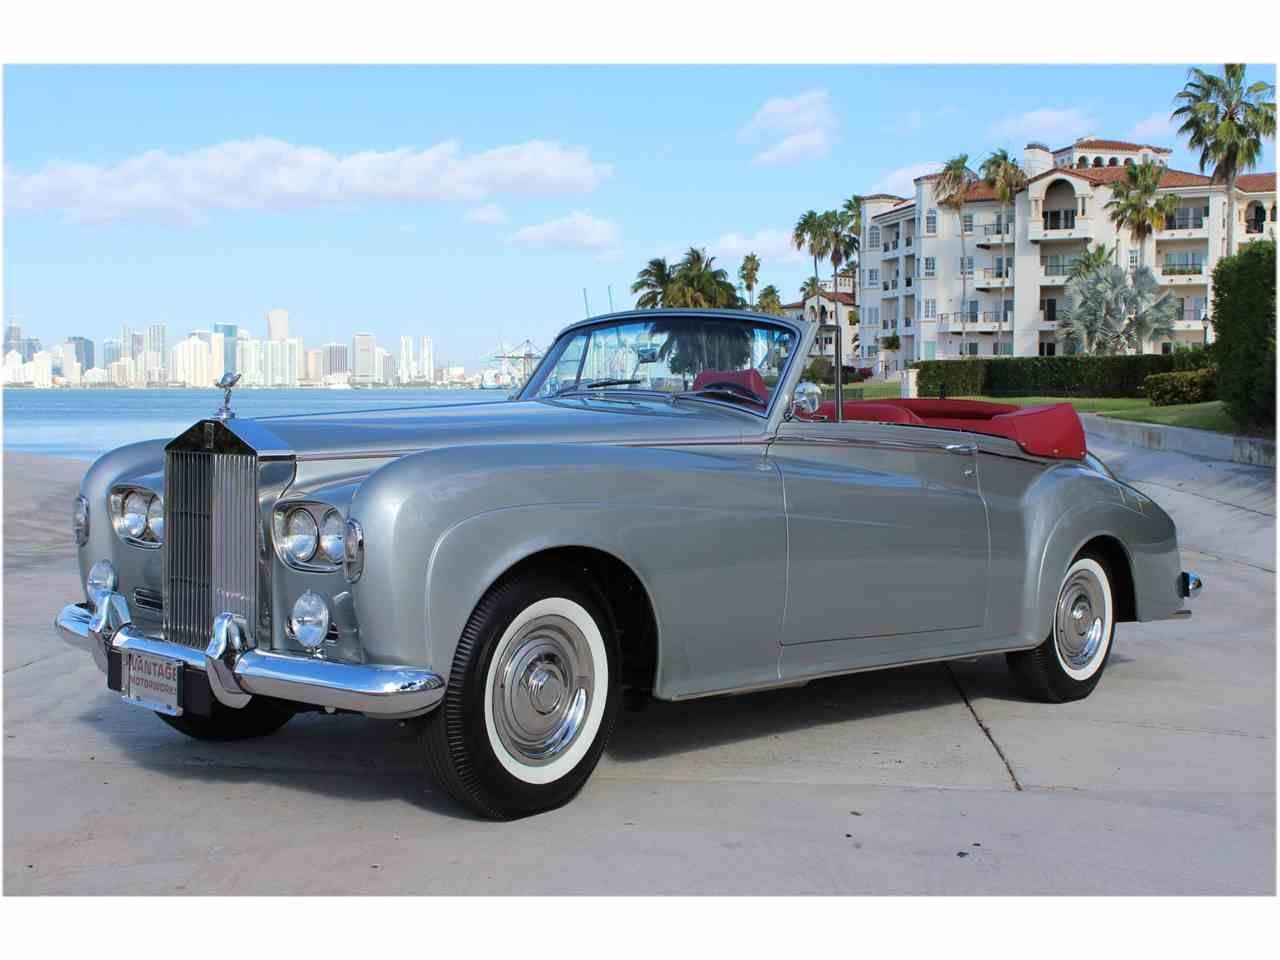 1963 Rolls Royce Silver Cloud Iii For Sale Listing Id Cc 979296